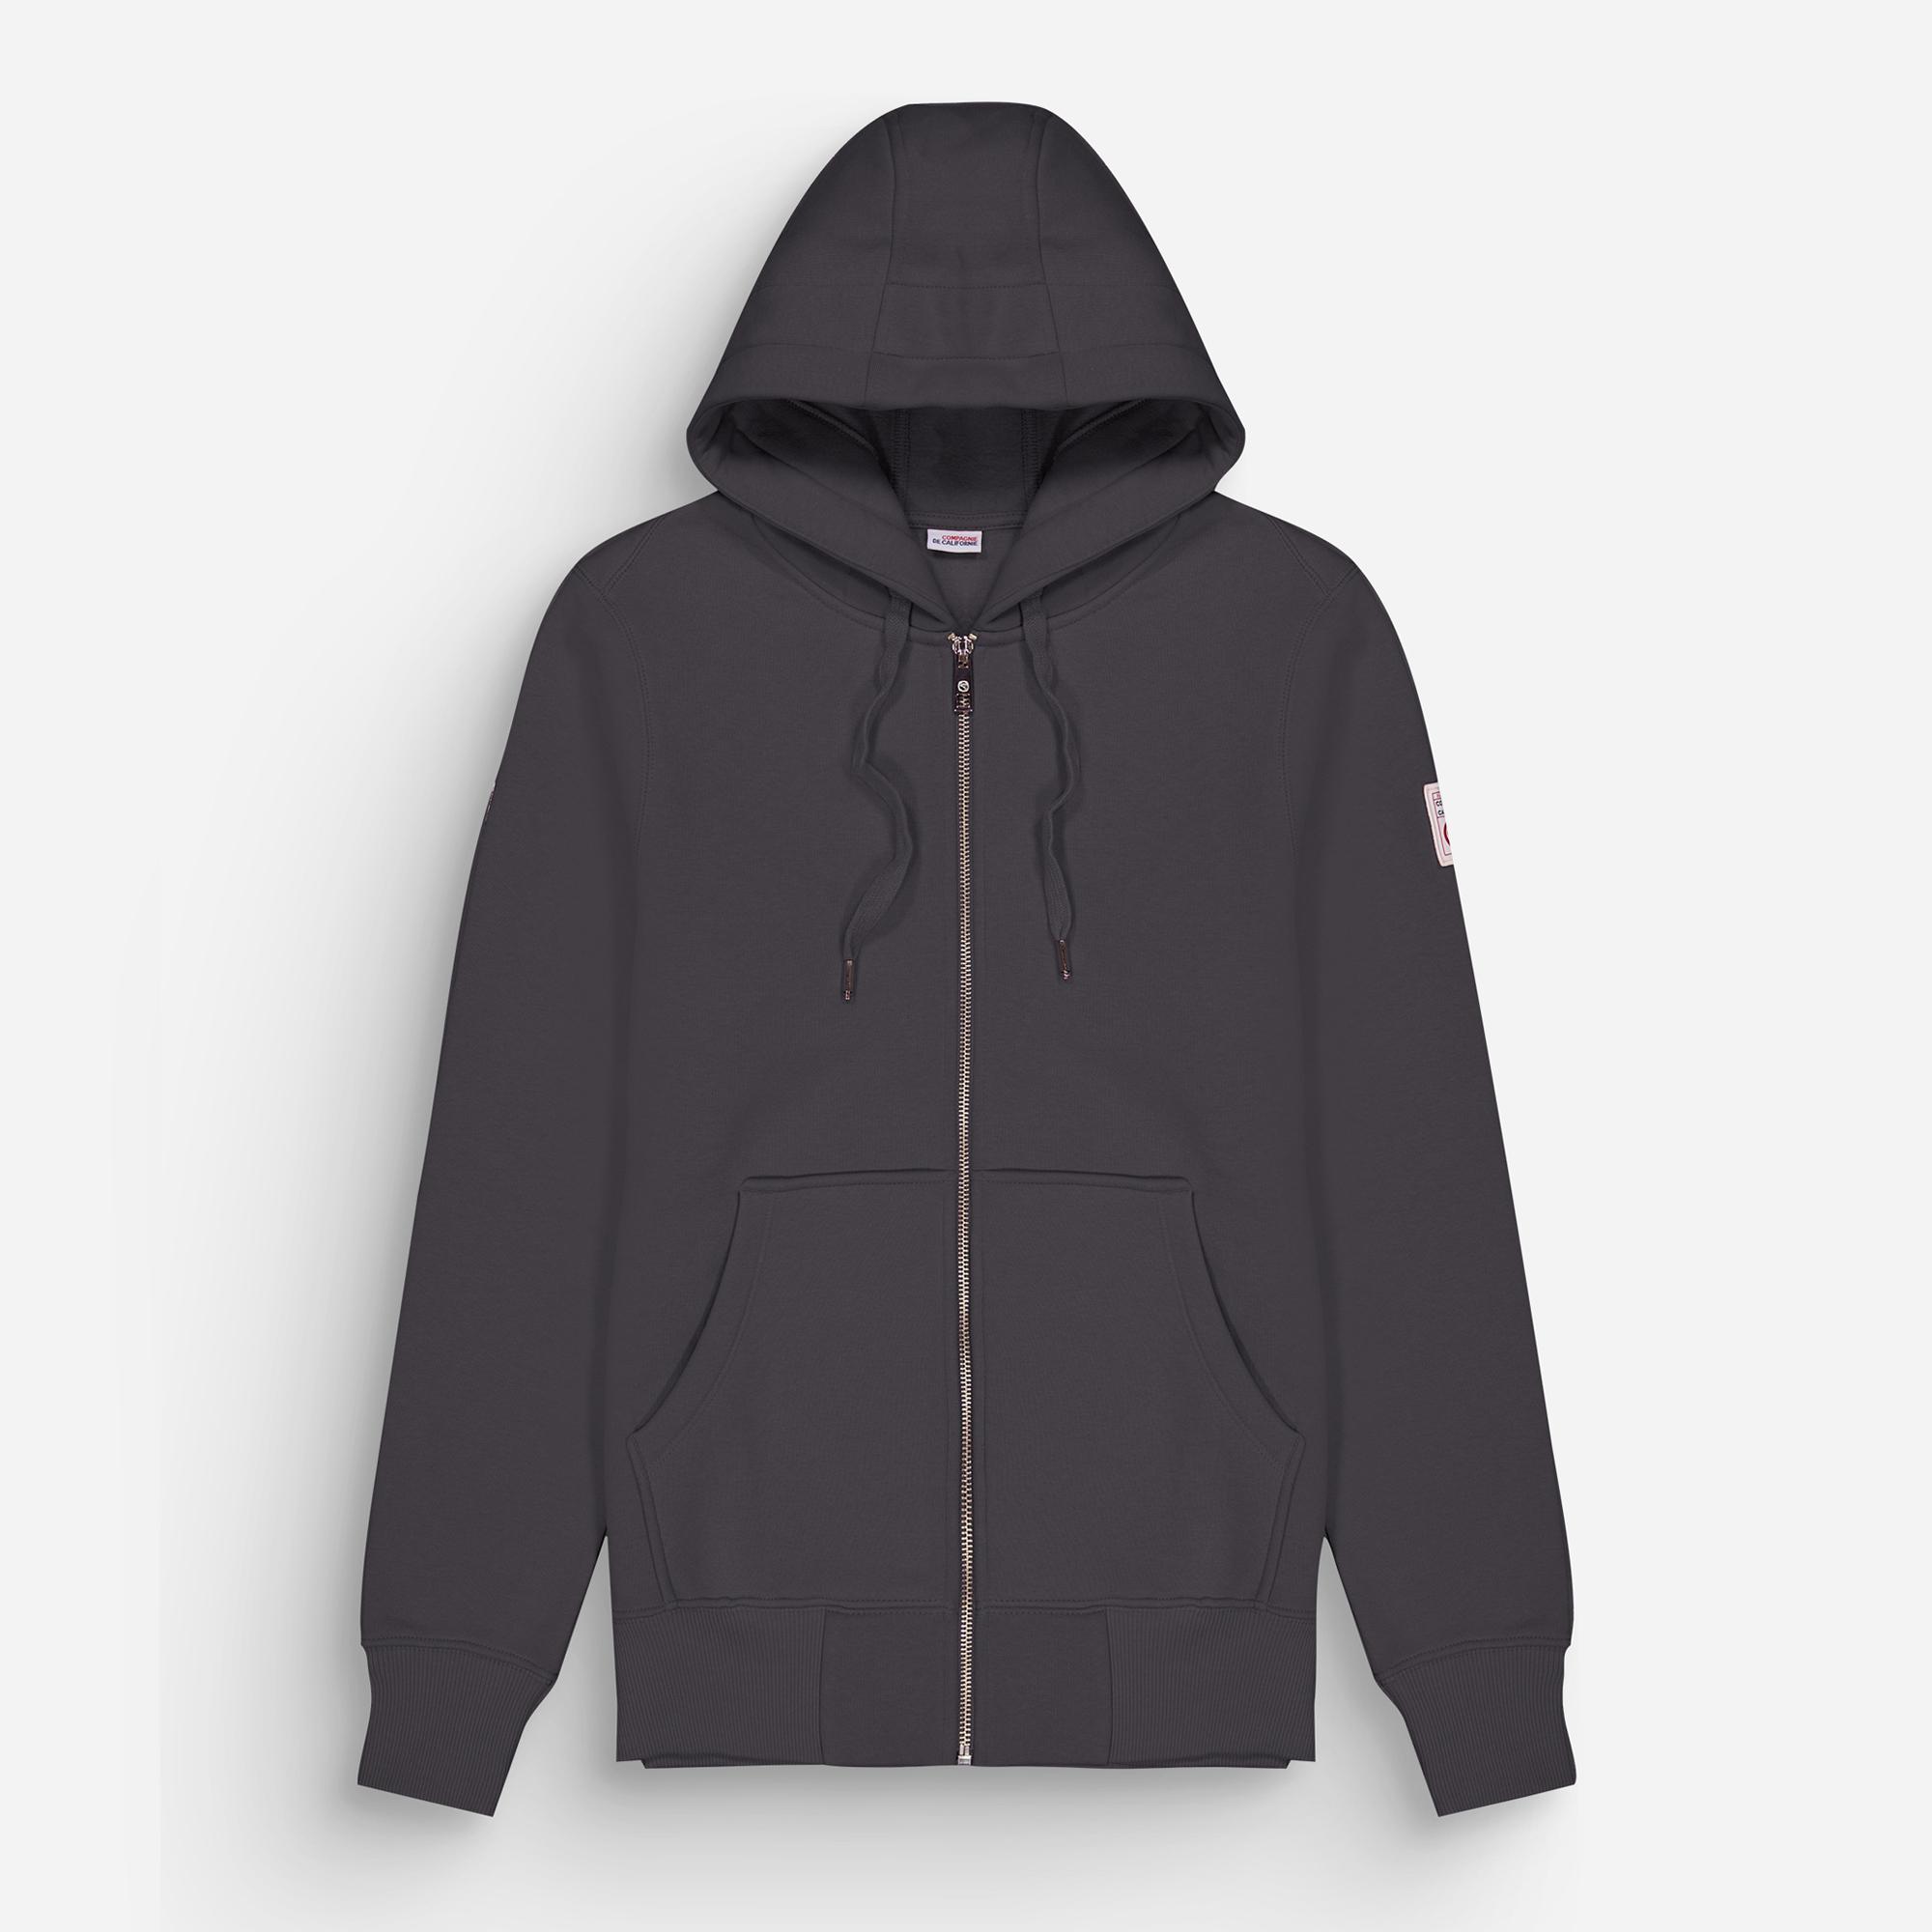 new cupertino hoodie zip anthracite 1